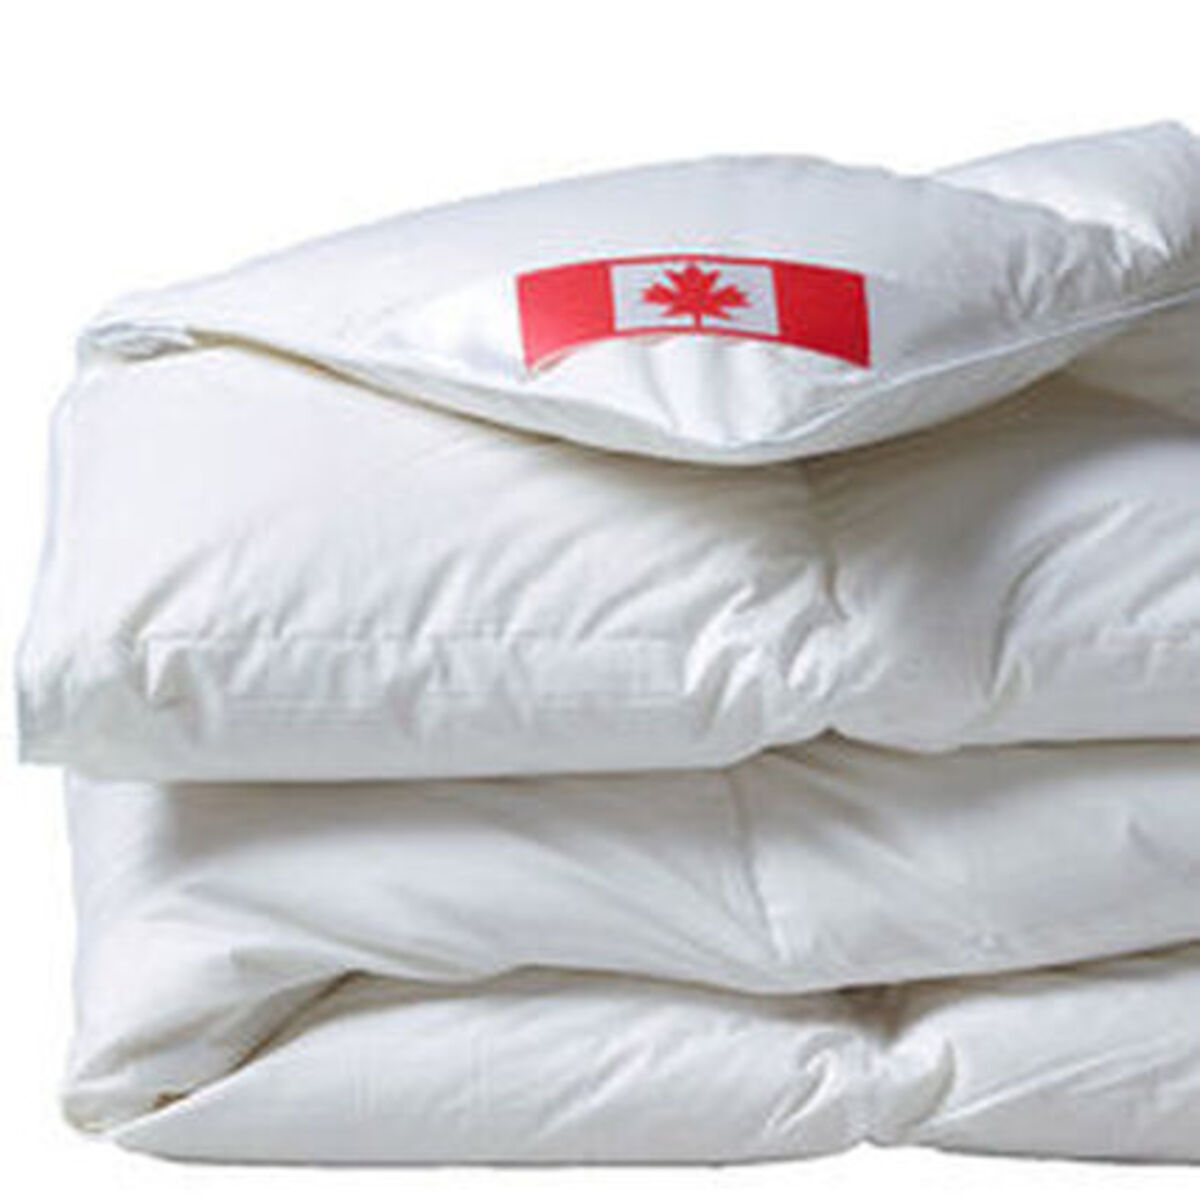 Bild 1 von Künsemüller Kassettenbett Canada Warm, 916g, 4x6 Karos, 90% Daunen und 10% Federn, 135x200 cm